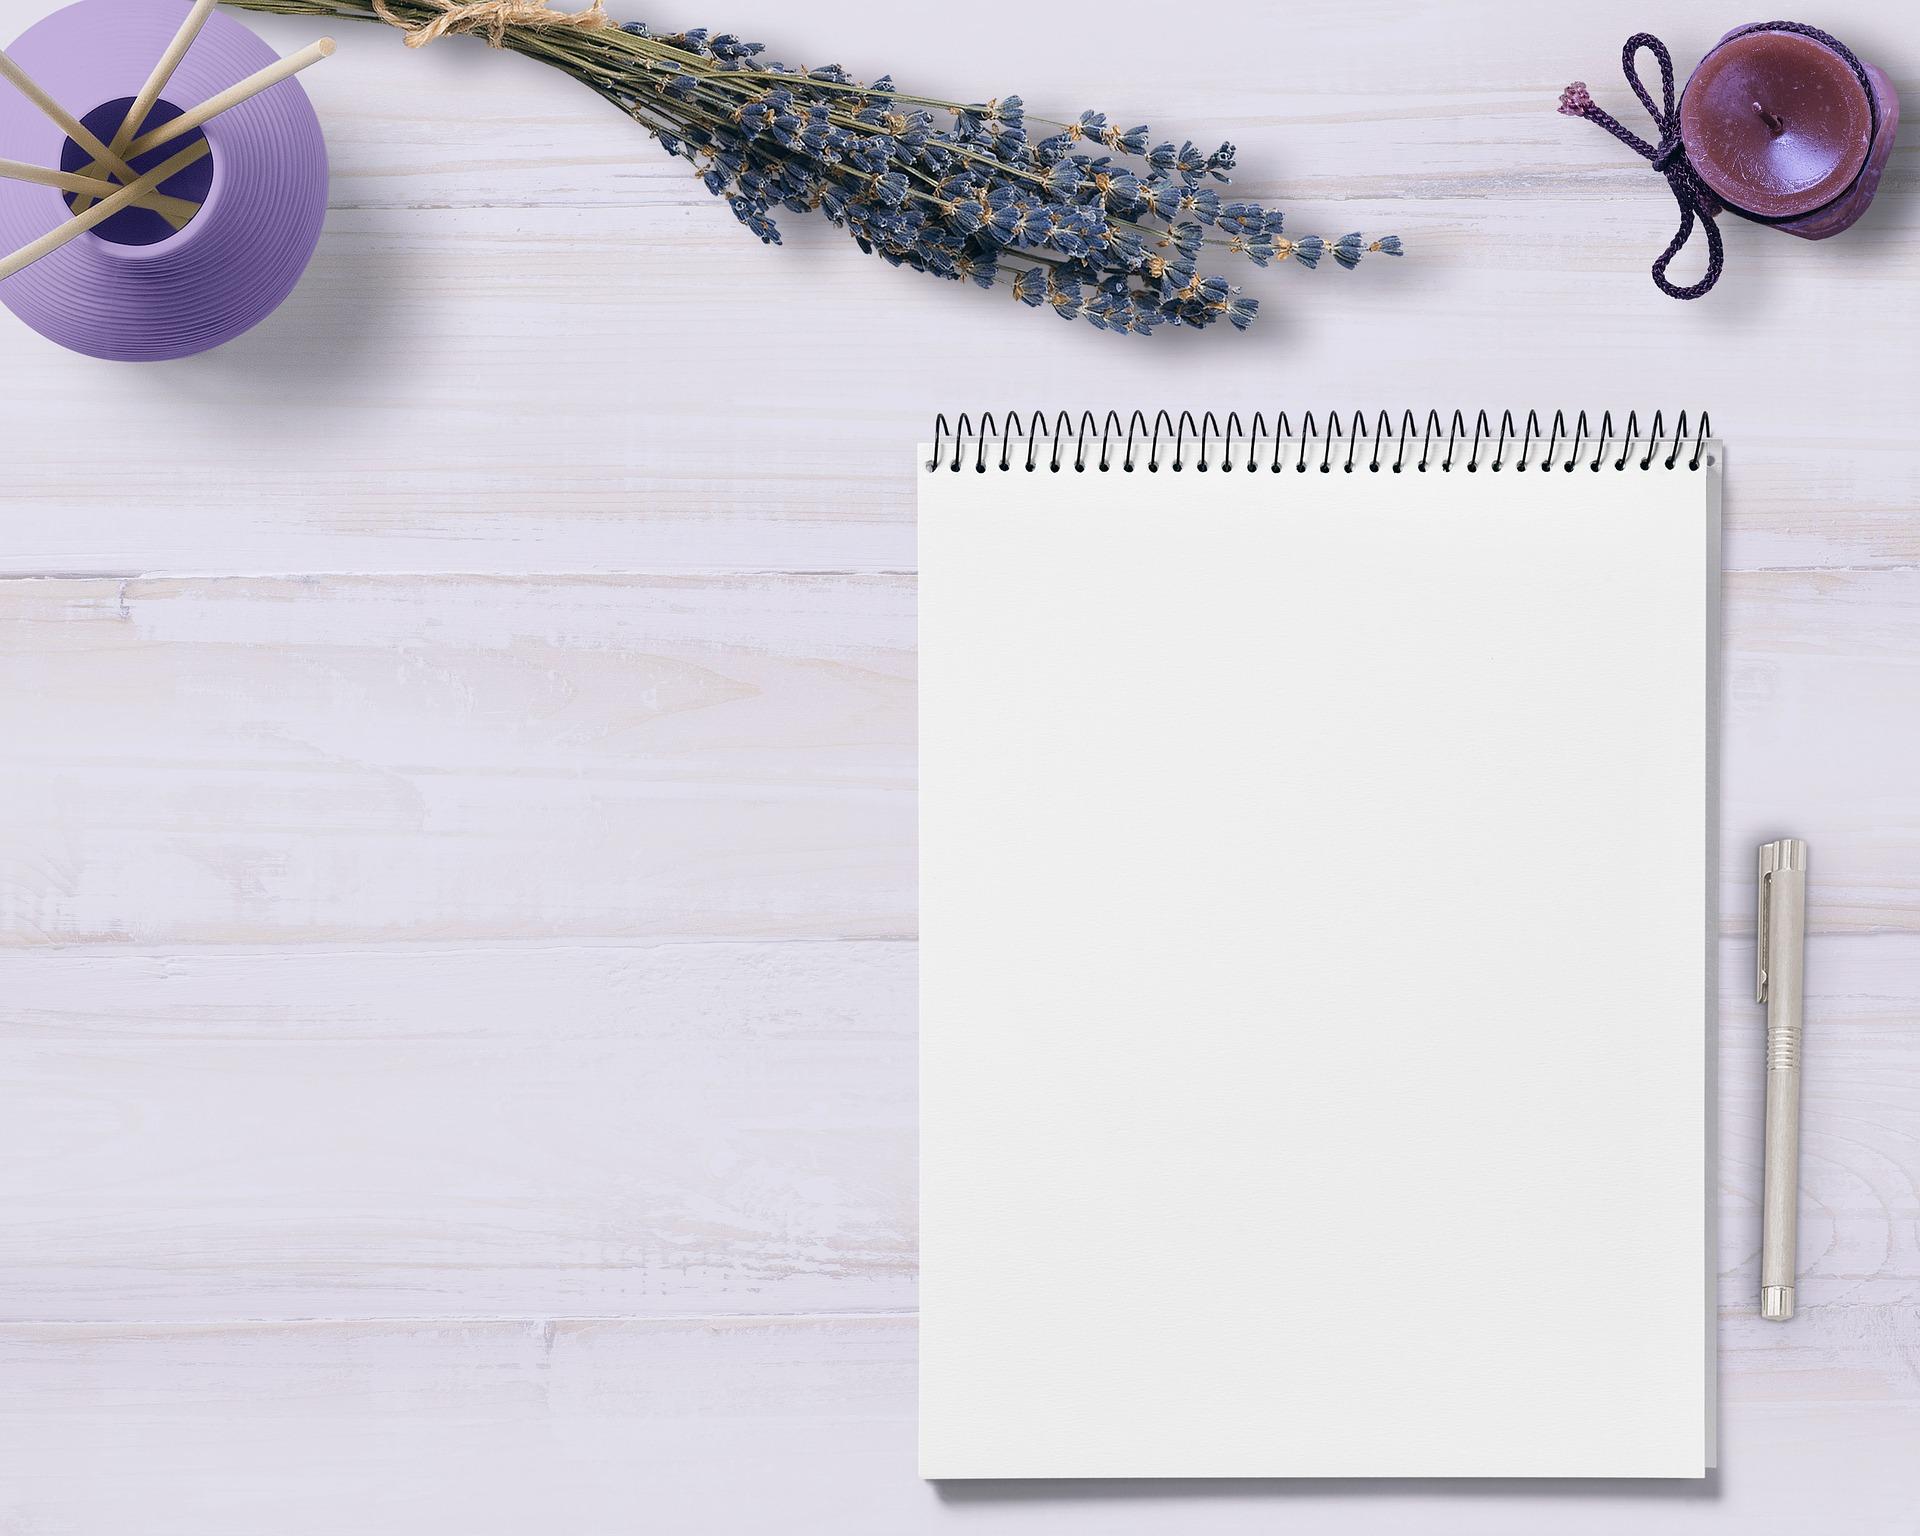 notepad-3297994_1920 (1).jpg